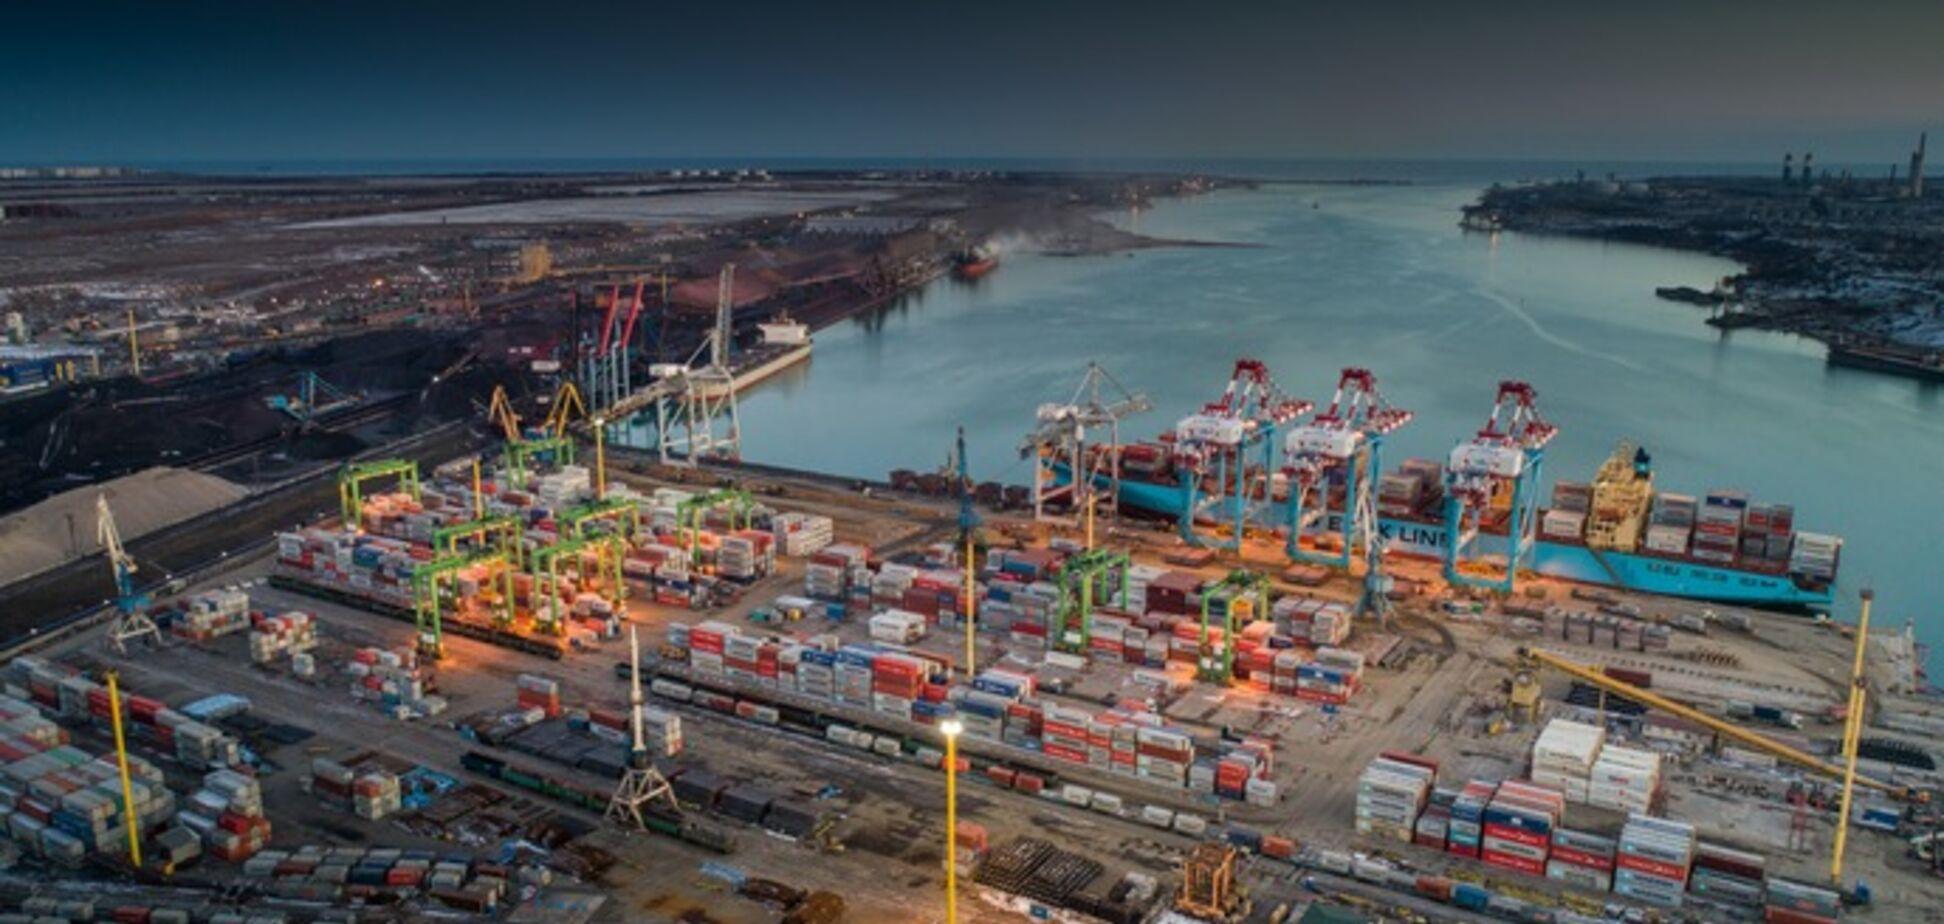 Найбільший портовий оператор світу придбав контрольний пакет акцій контейнерного терміналу ТІС